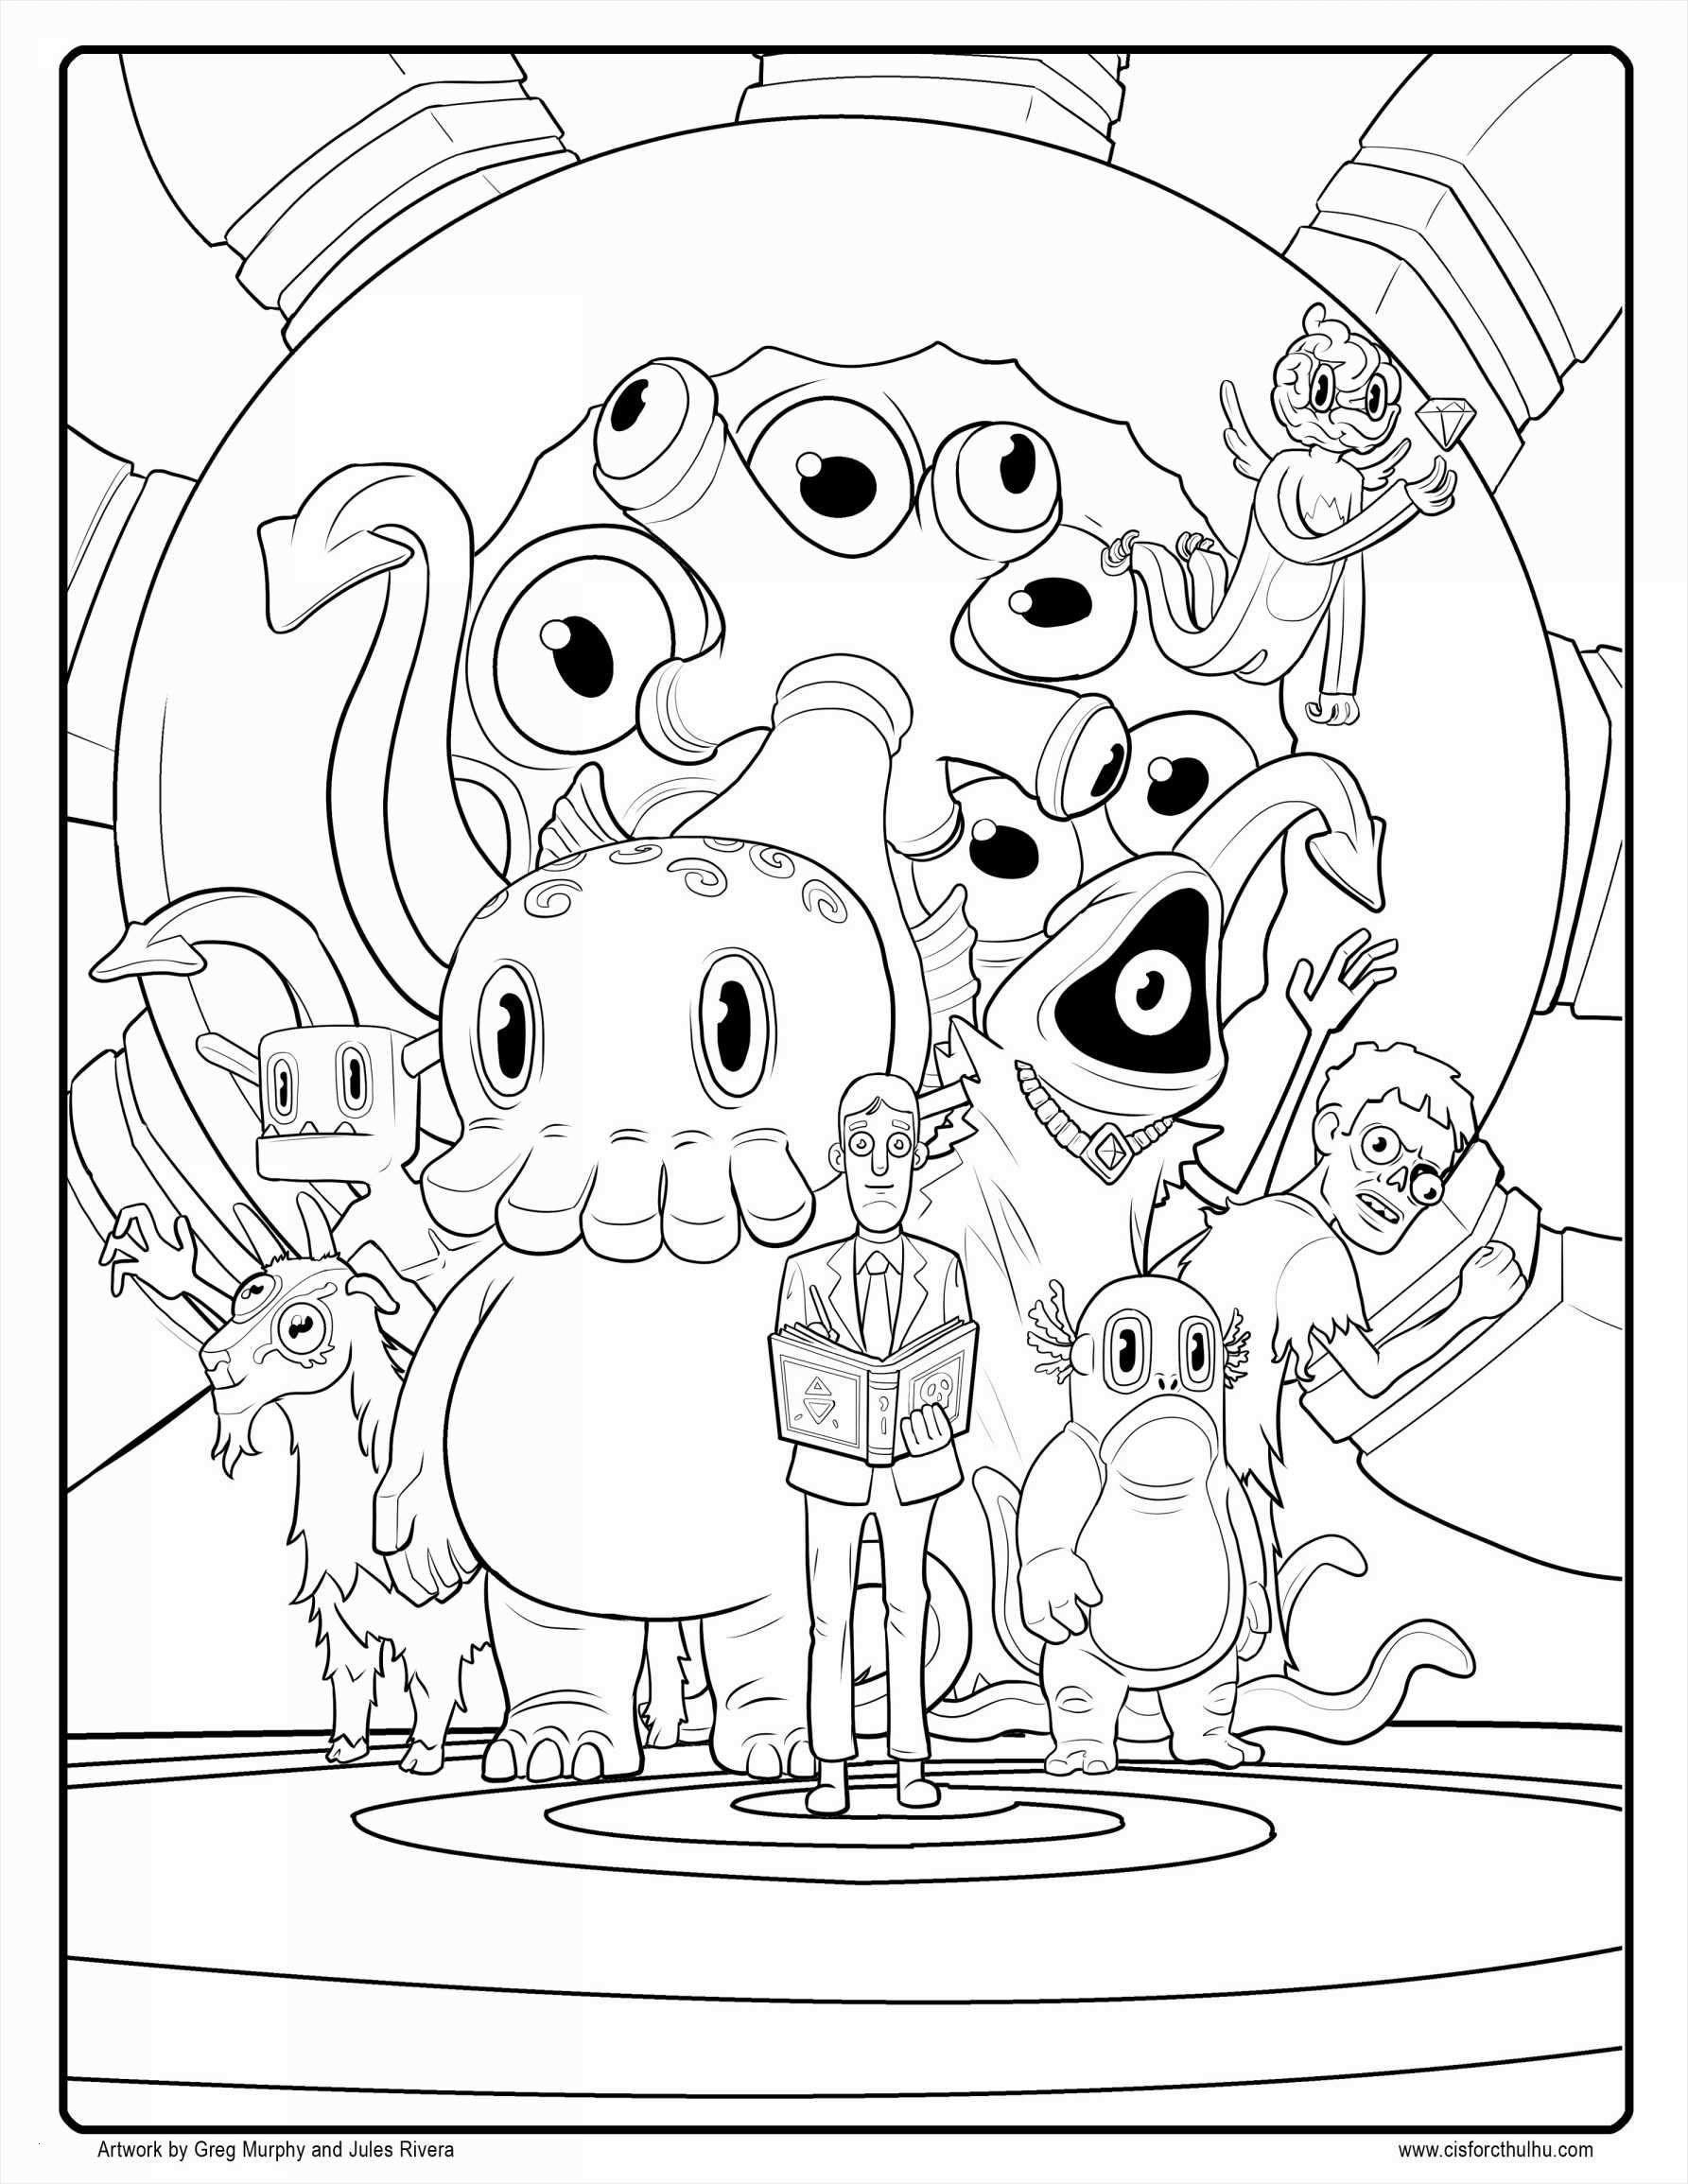 Micky Maus Bilder Zum Ausmalen Inspirierend 32 Snoopy Malvorlagen Scoredatscore Genial Micky Maus Ausmalbilder Stock